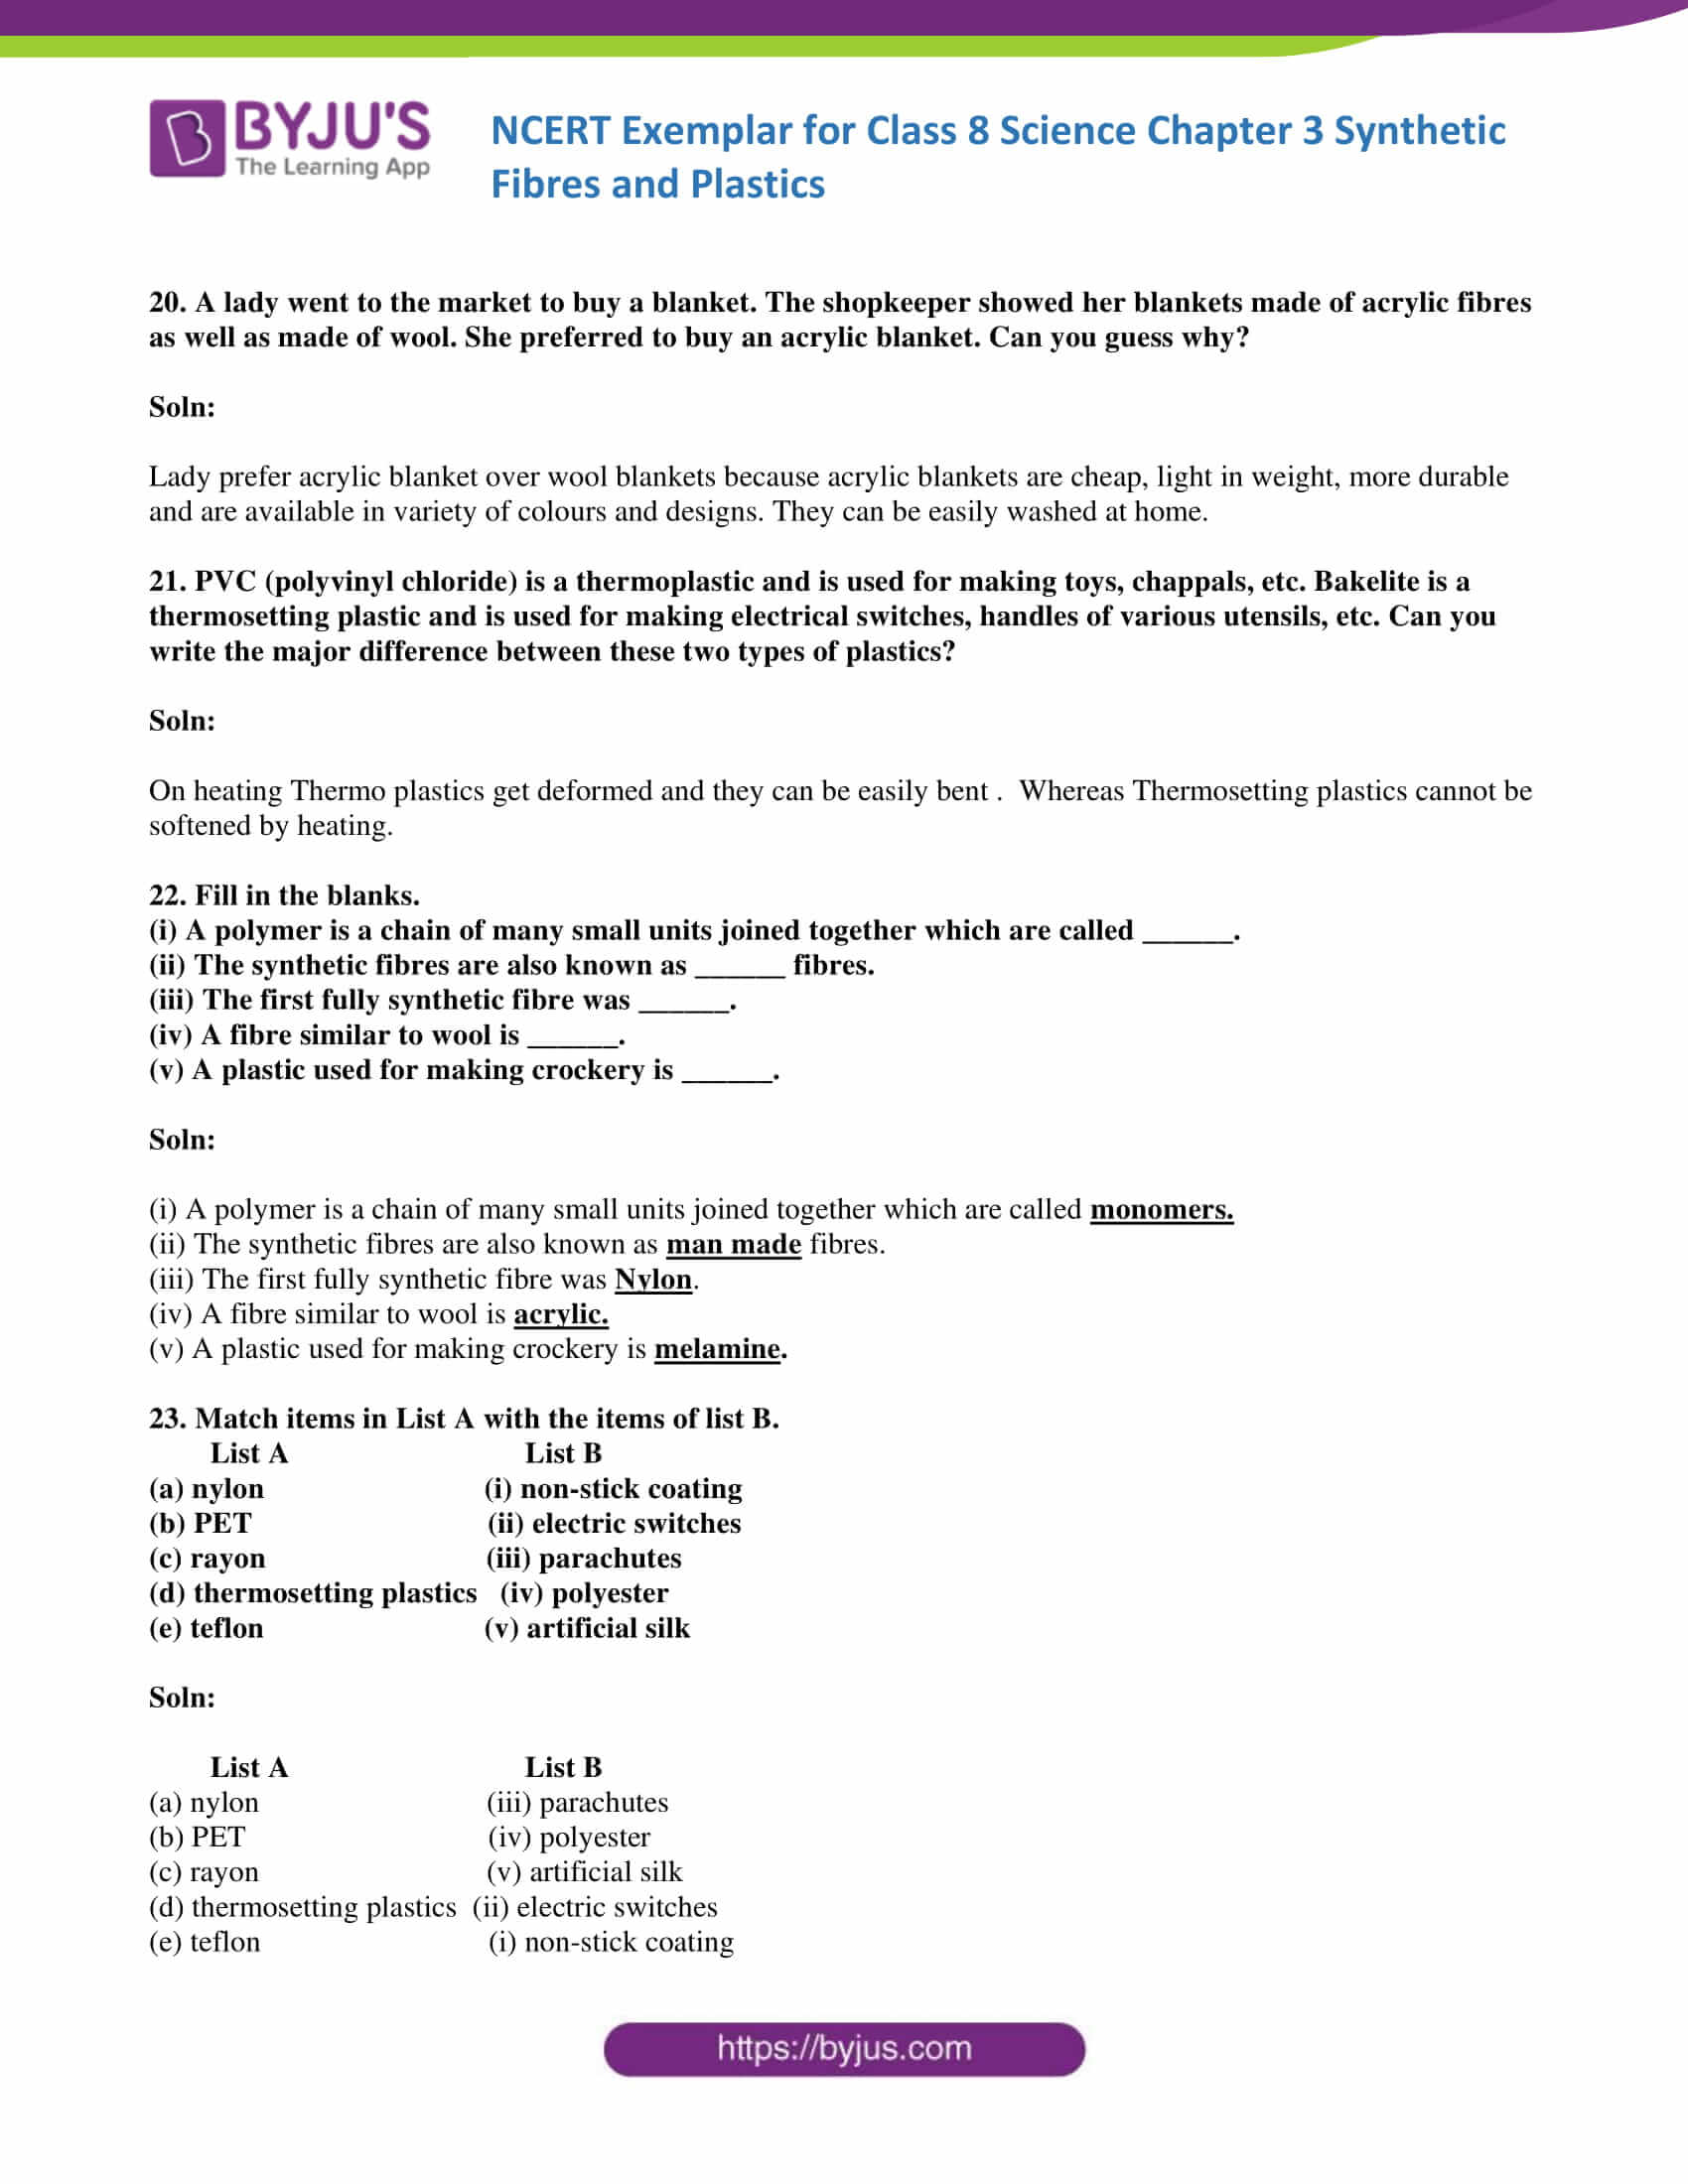 NCERT Exemplar solution class 8 Chapter 3 part 06